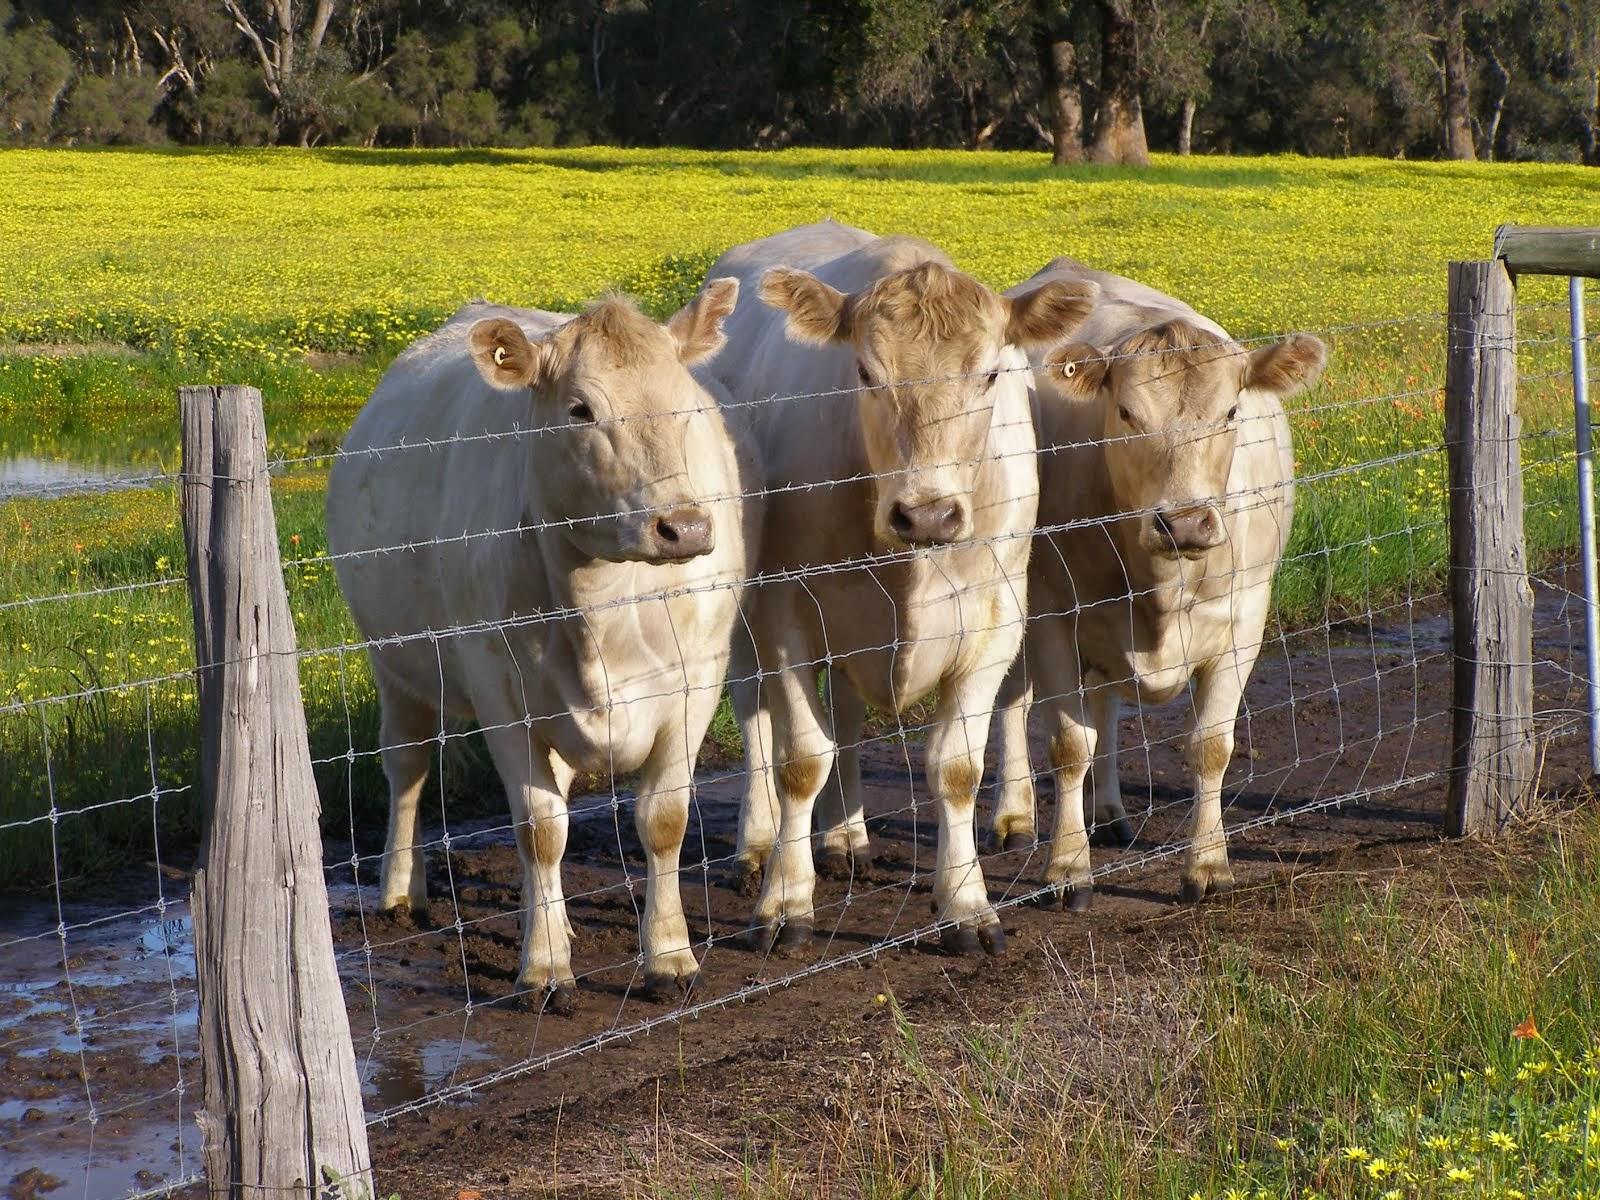 Curious Bulls